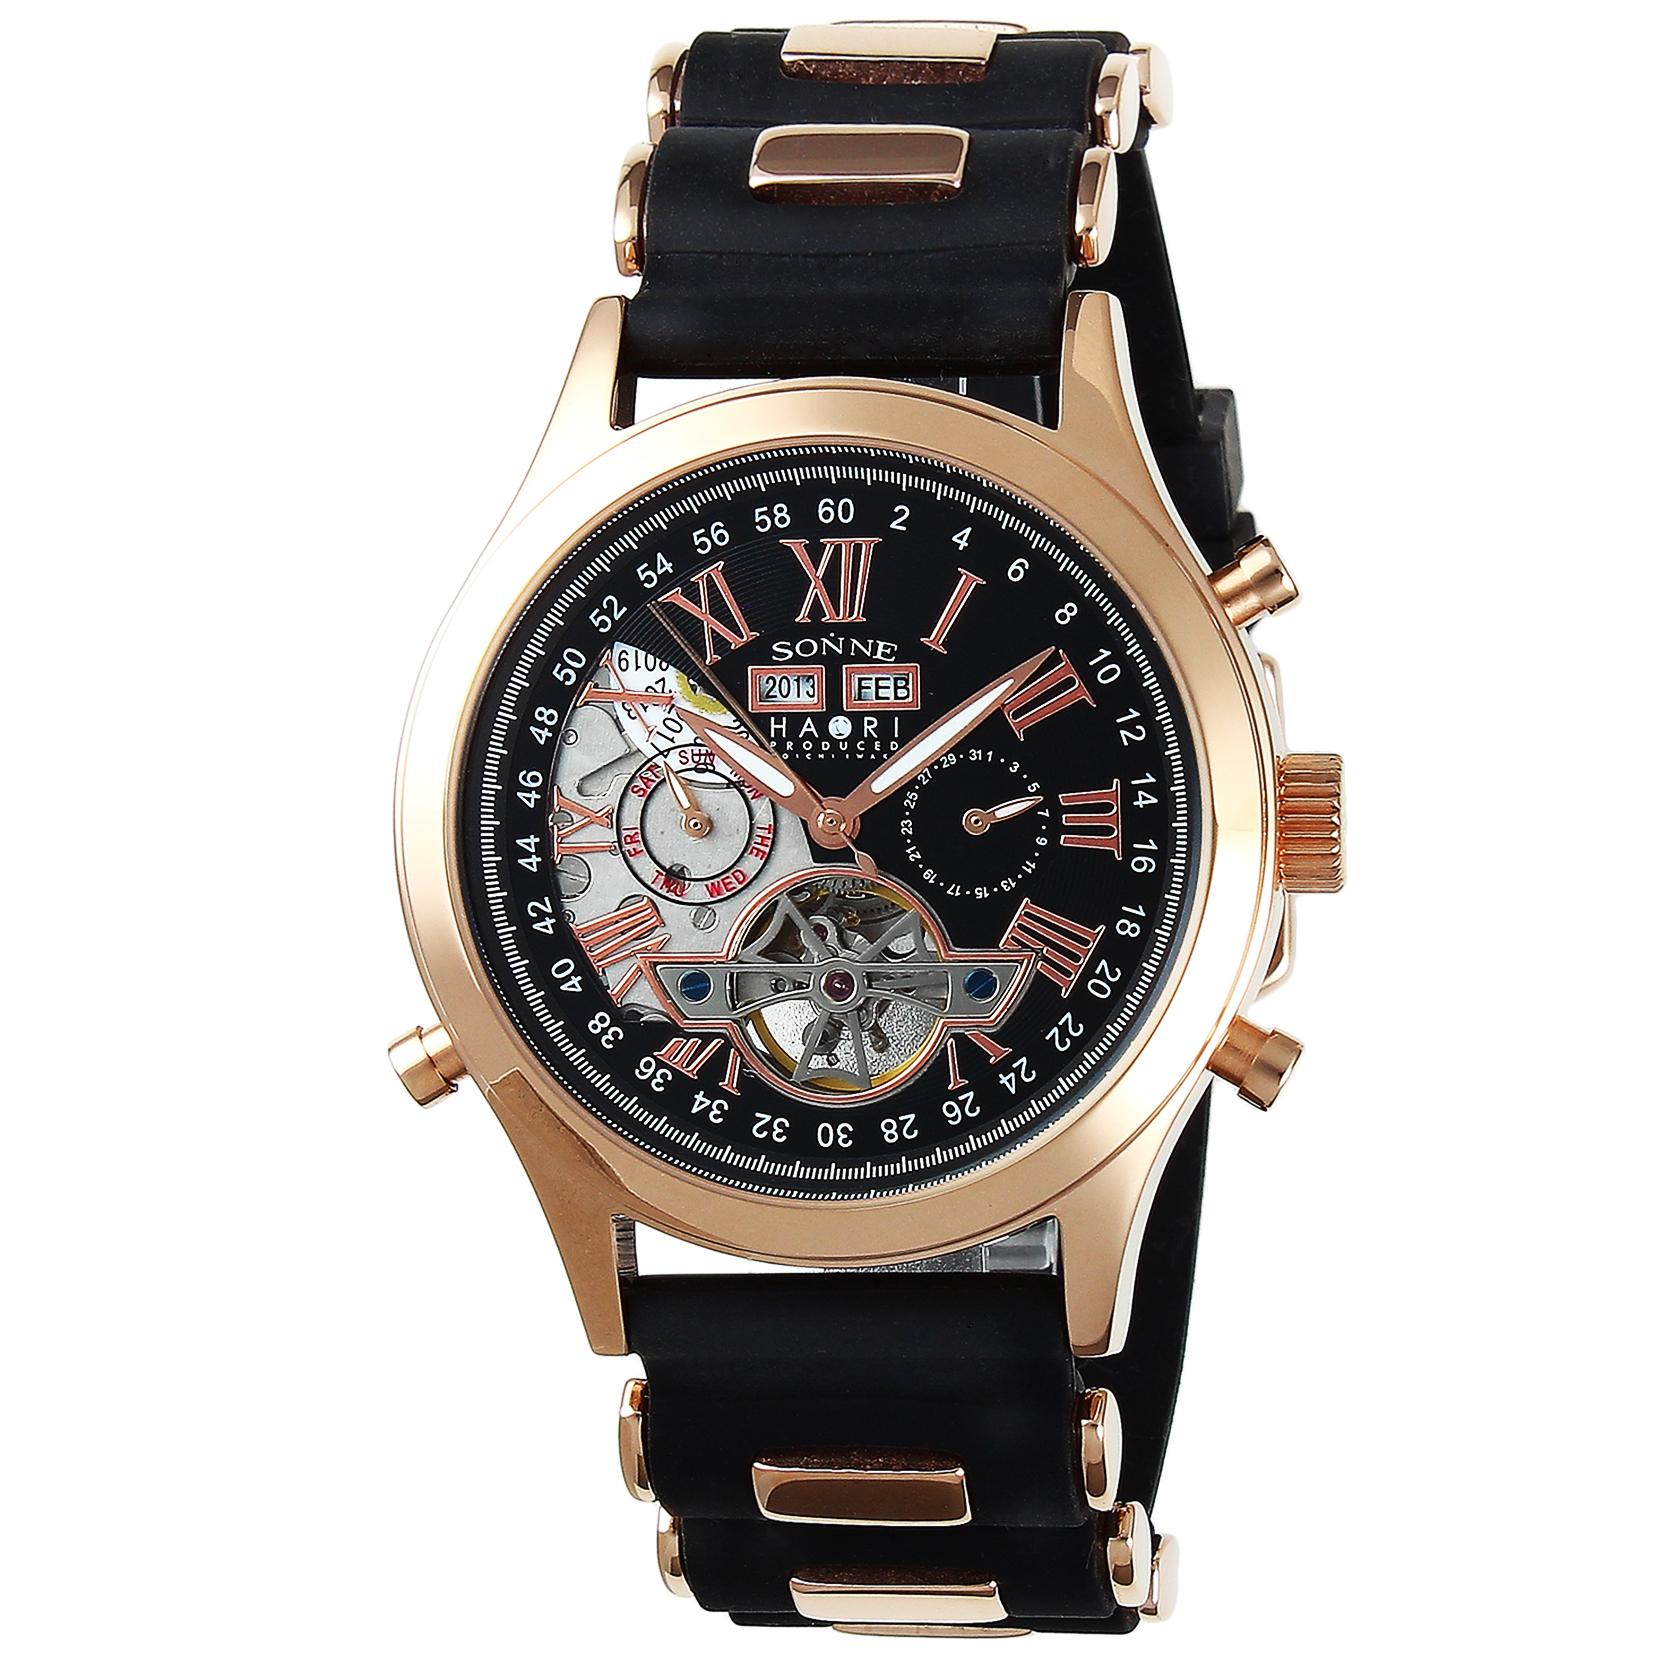 SONNE ゾンネ 腕時計 H003 ブラック H003PG-BK